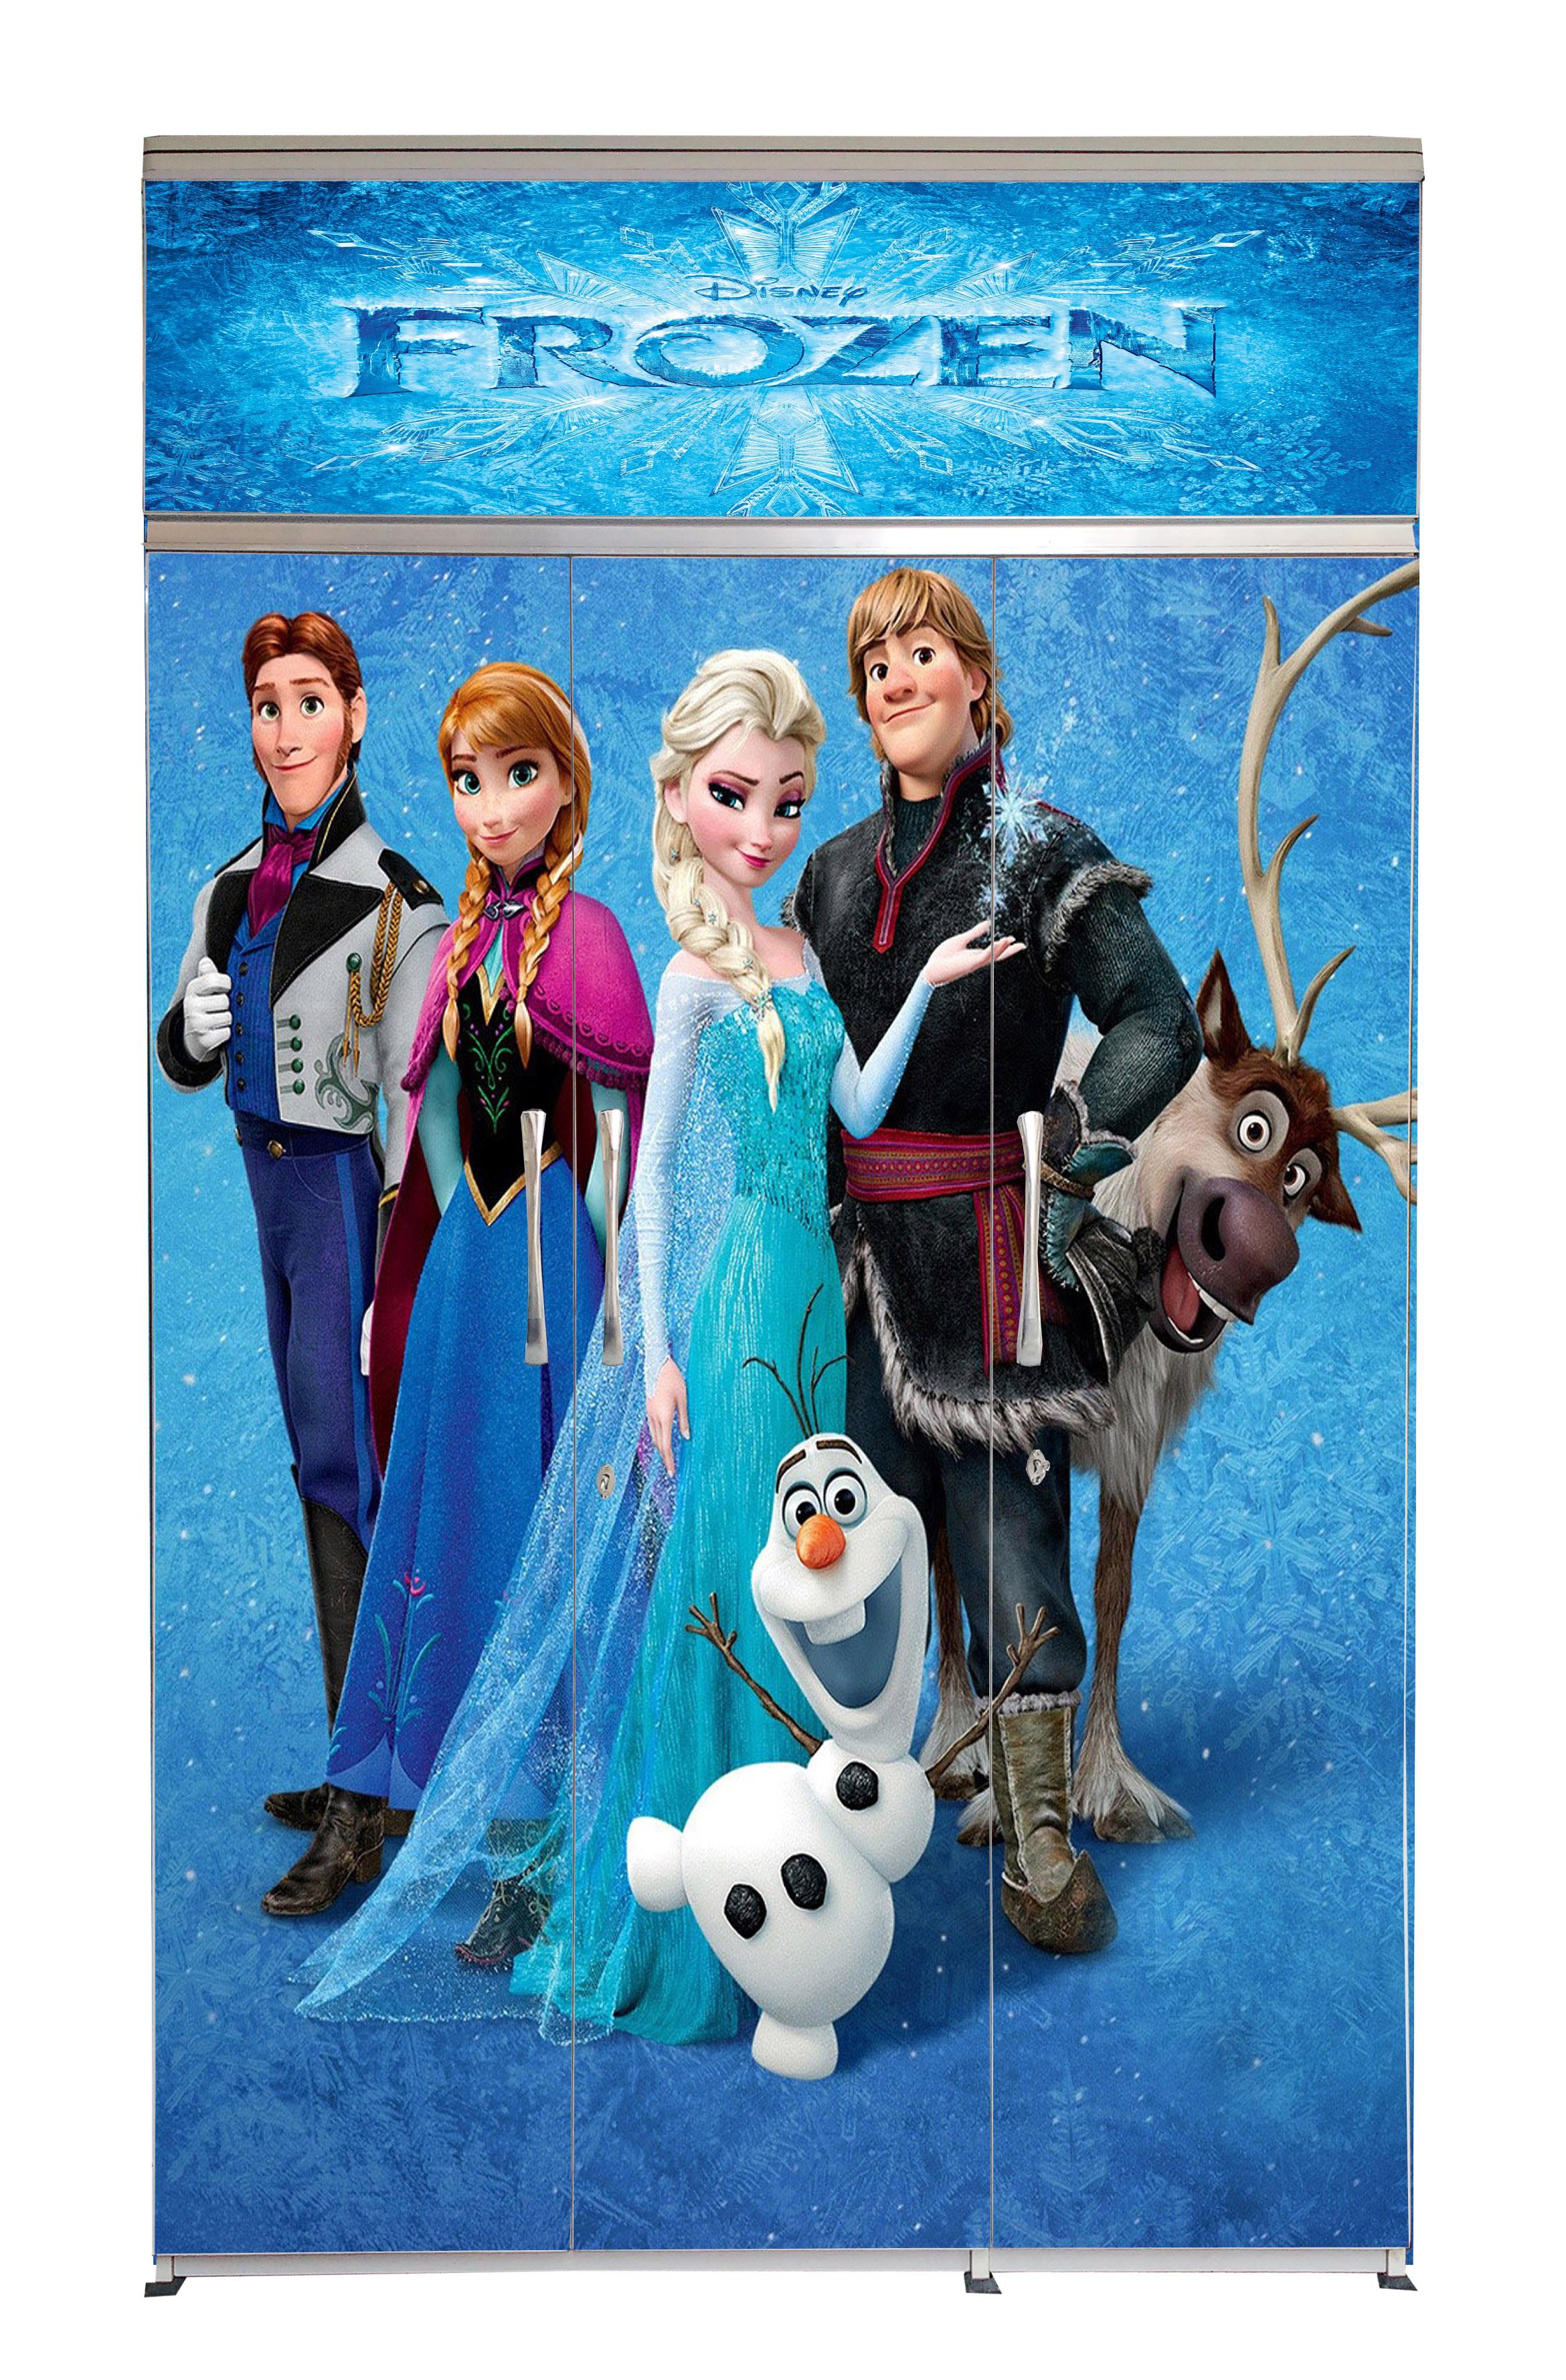 BS-3D-44 - Frozen-A